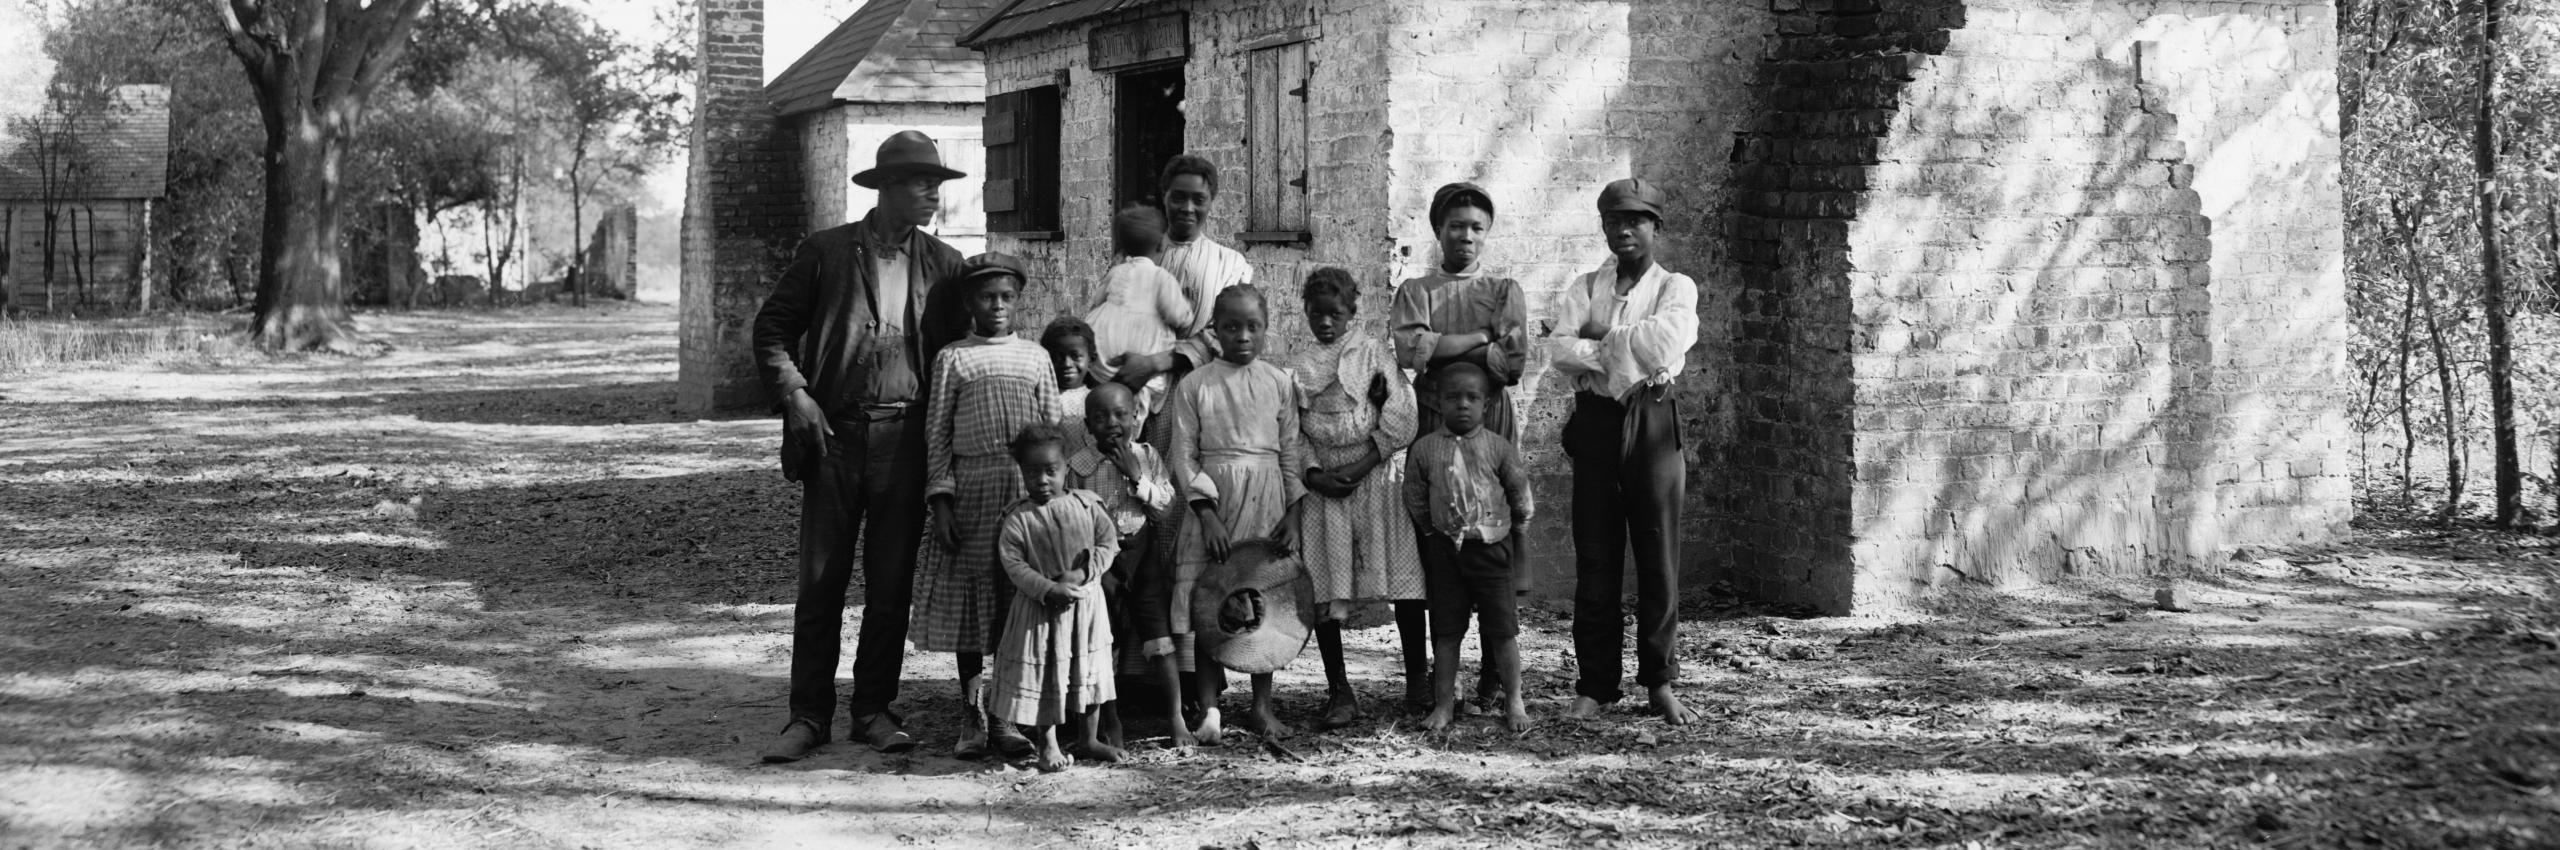 Family outside a plantation